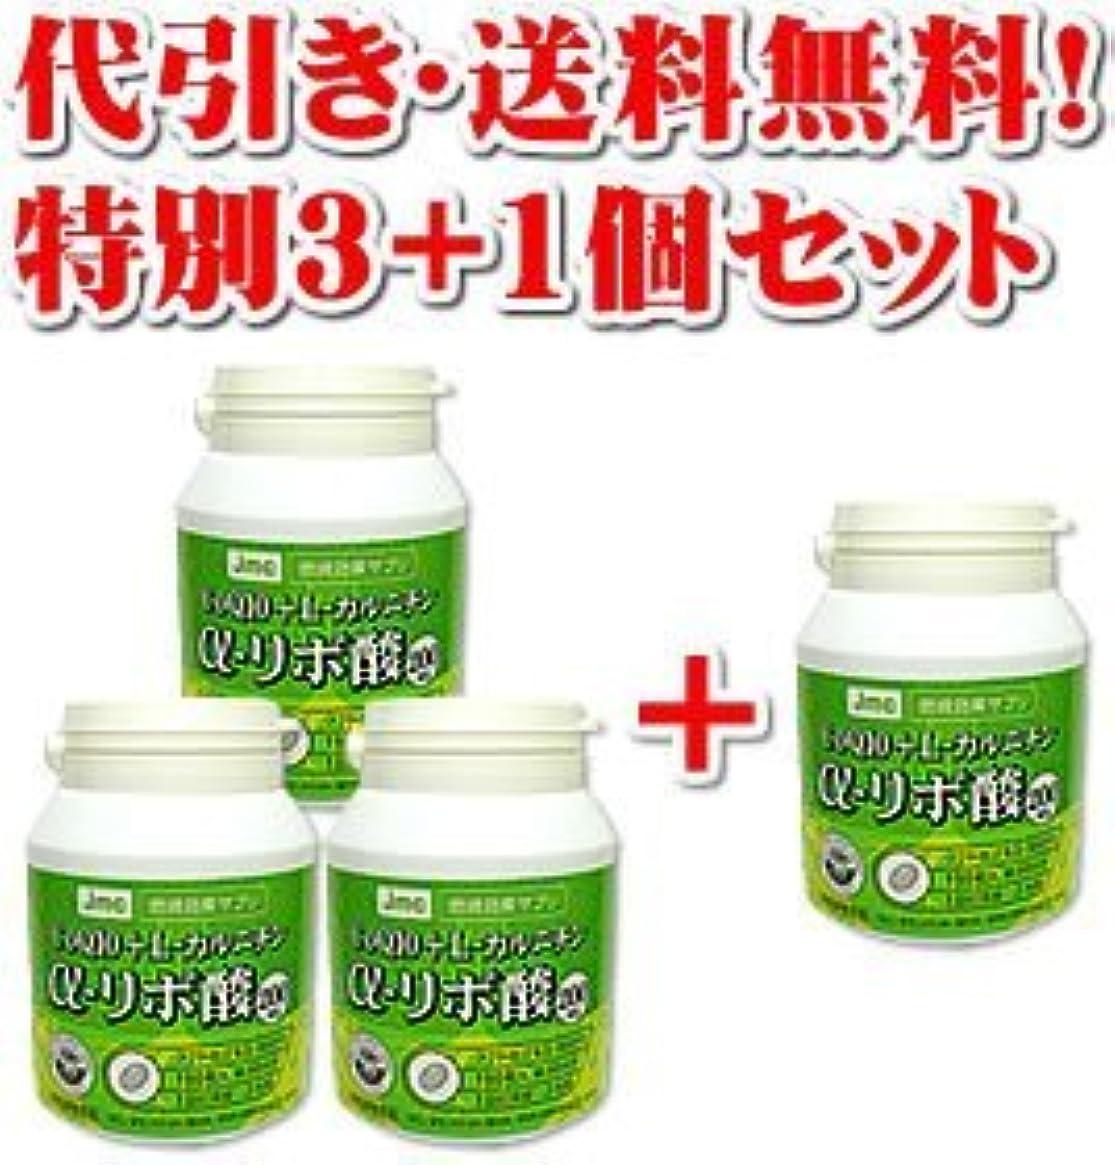 ルーキー今日知らせるα-リポ酸200mg(ダイエットの4大成分を1粒に凝縮)4個セット